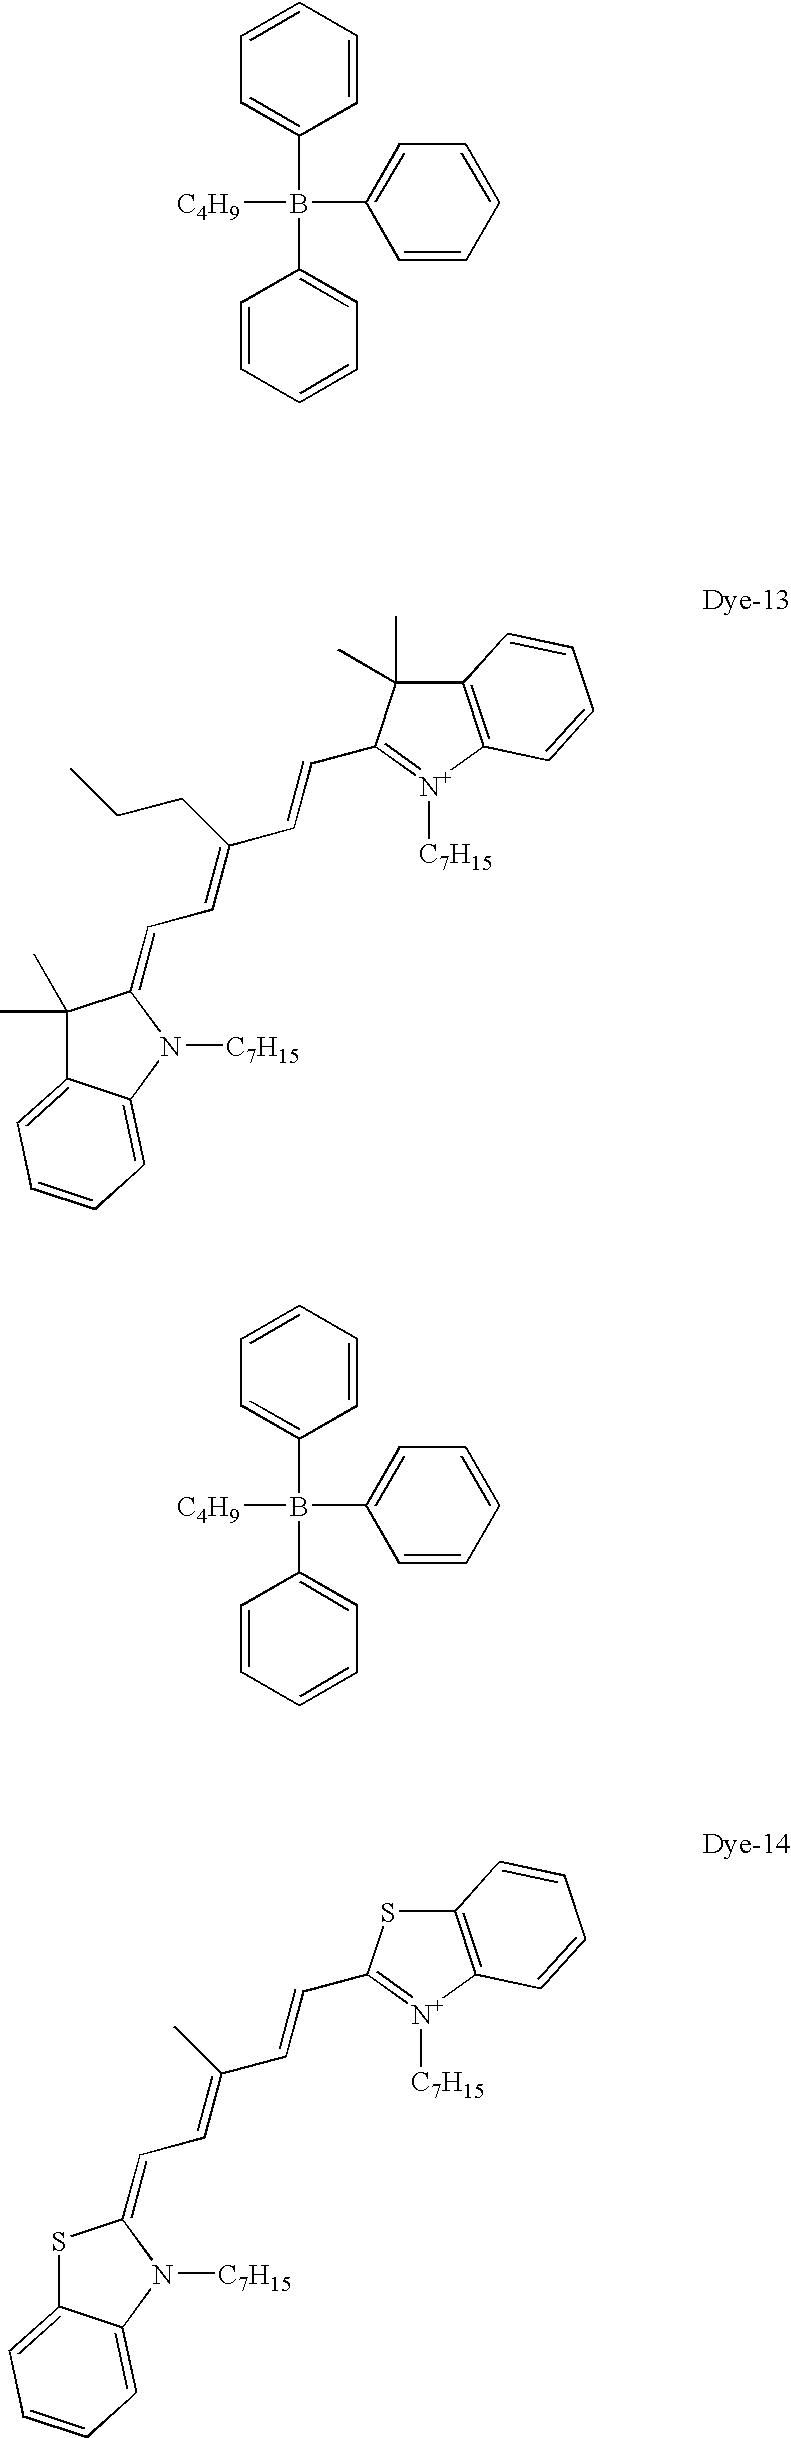 Figure US20050084789A1-20050421-C00005